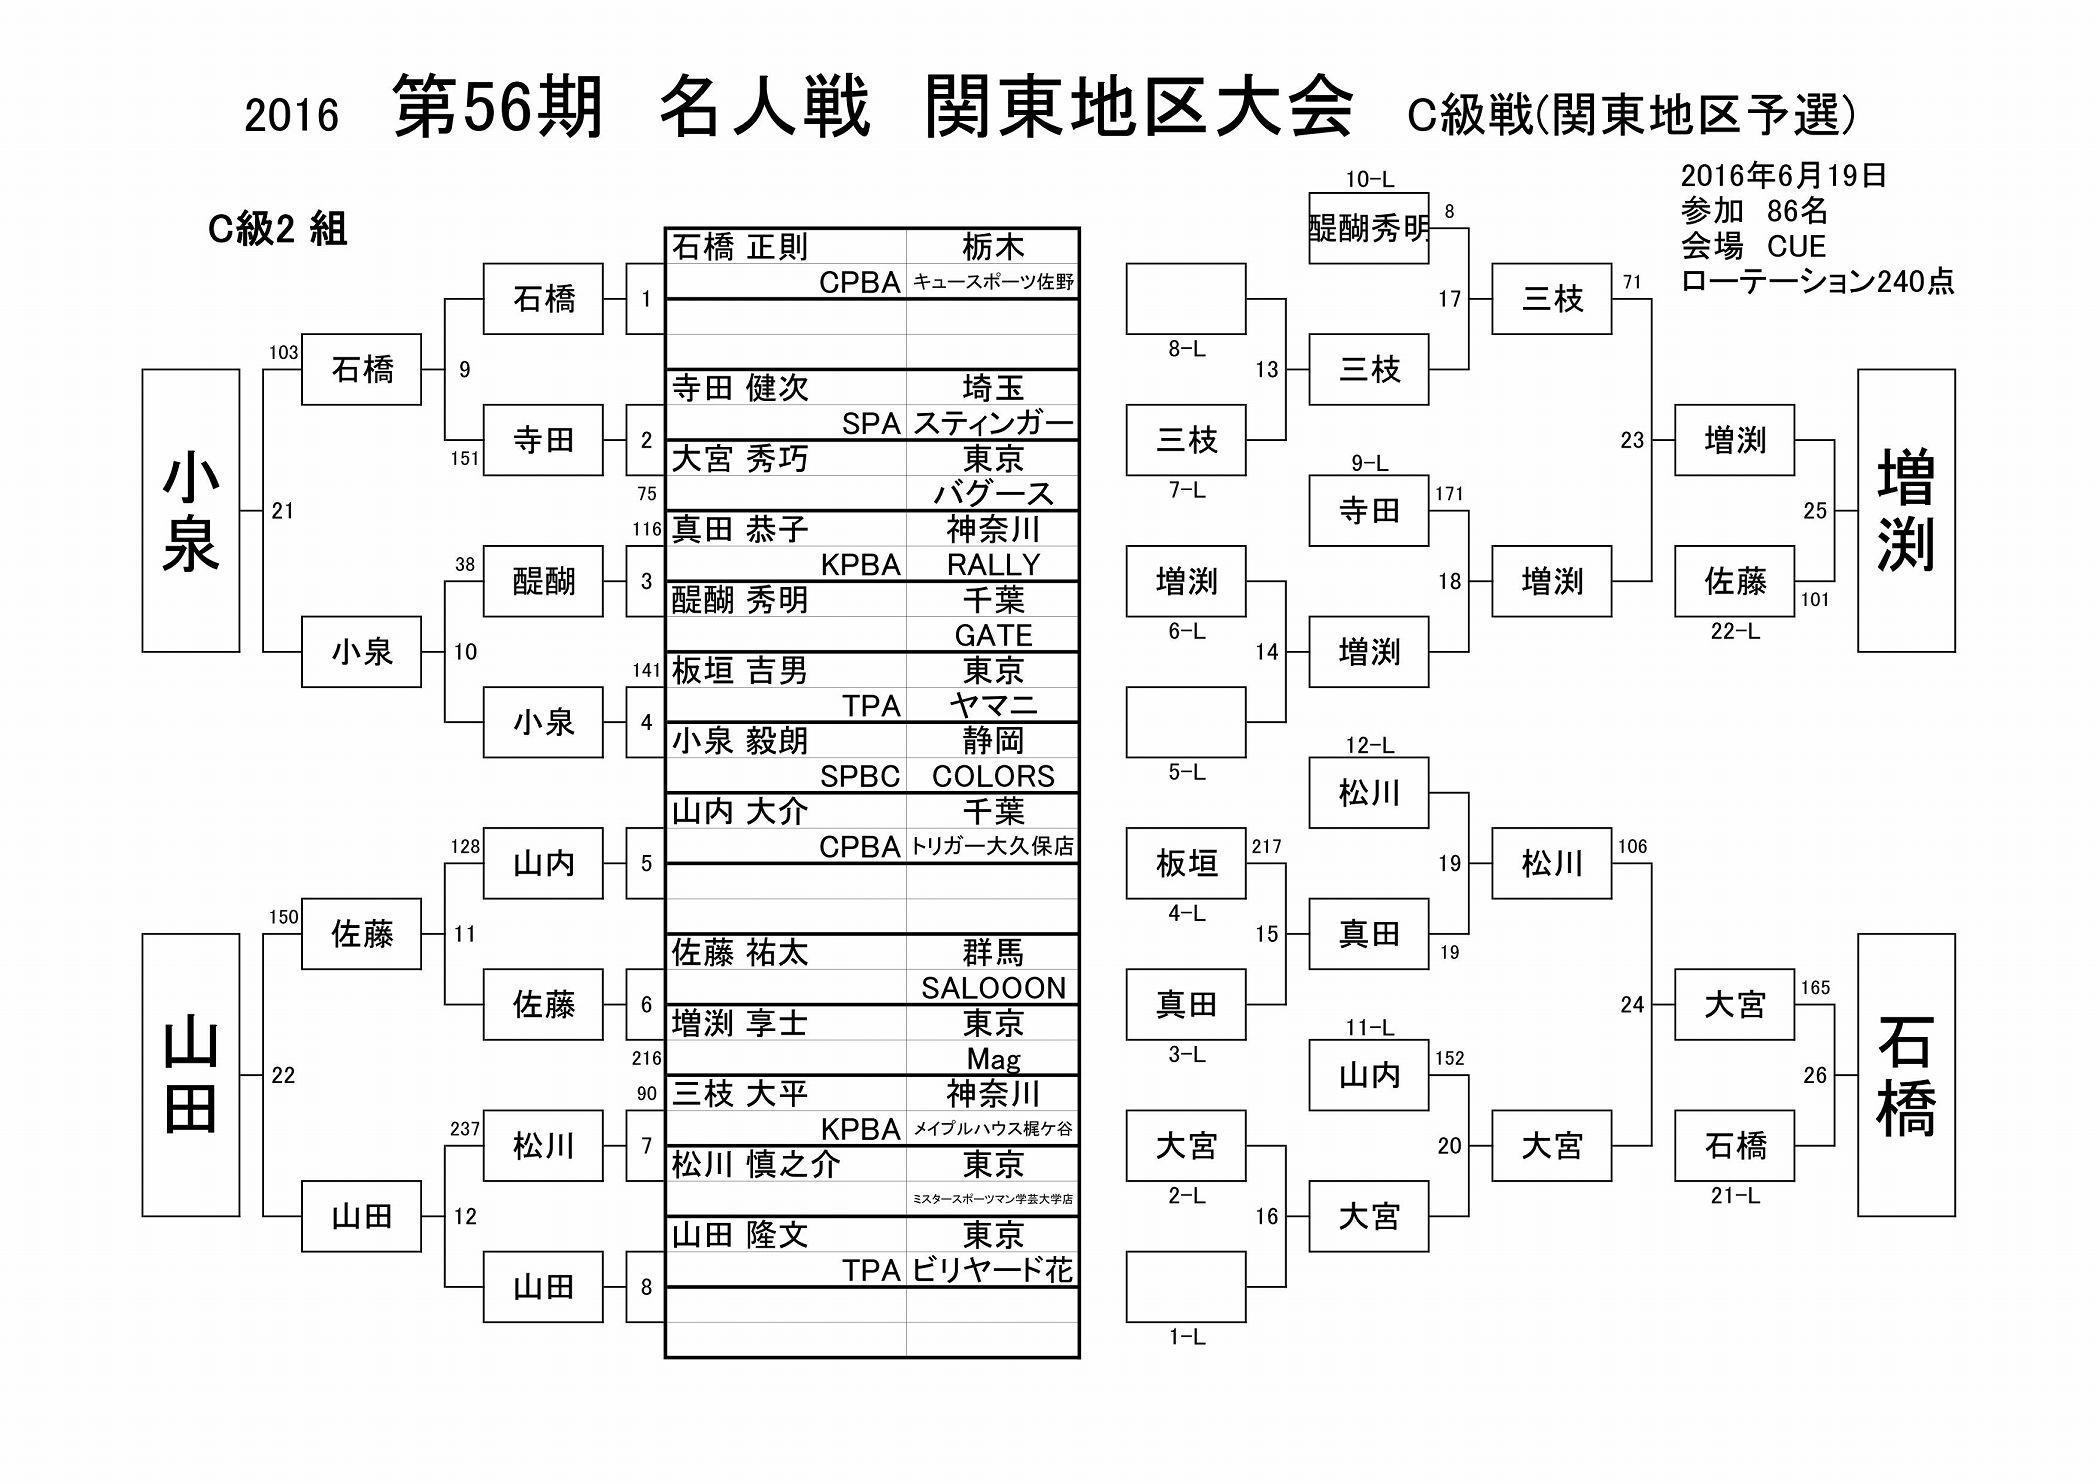 2016名人戦C級戦結果(関東地区)_02